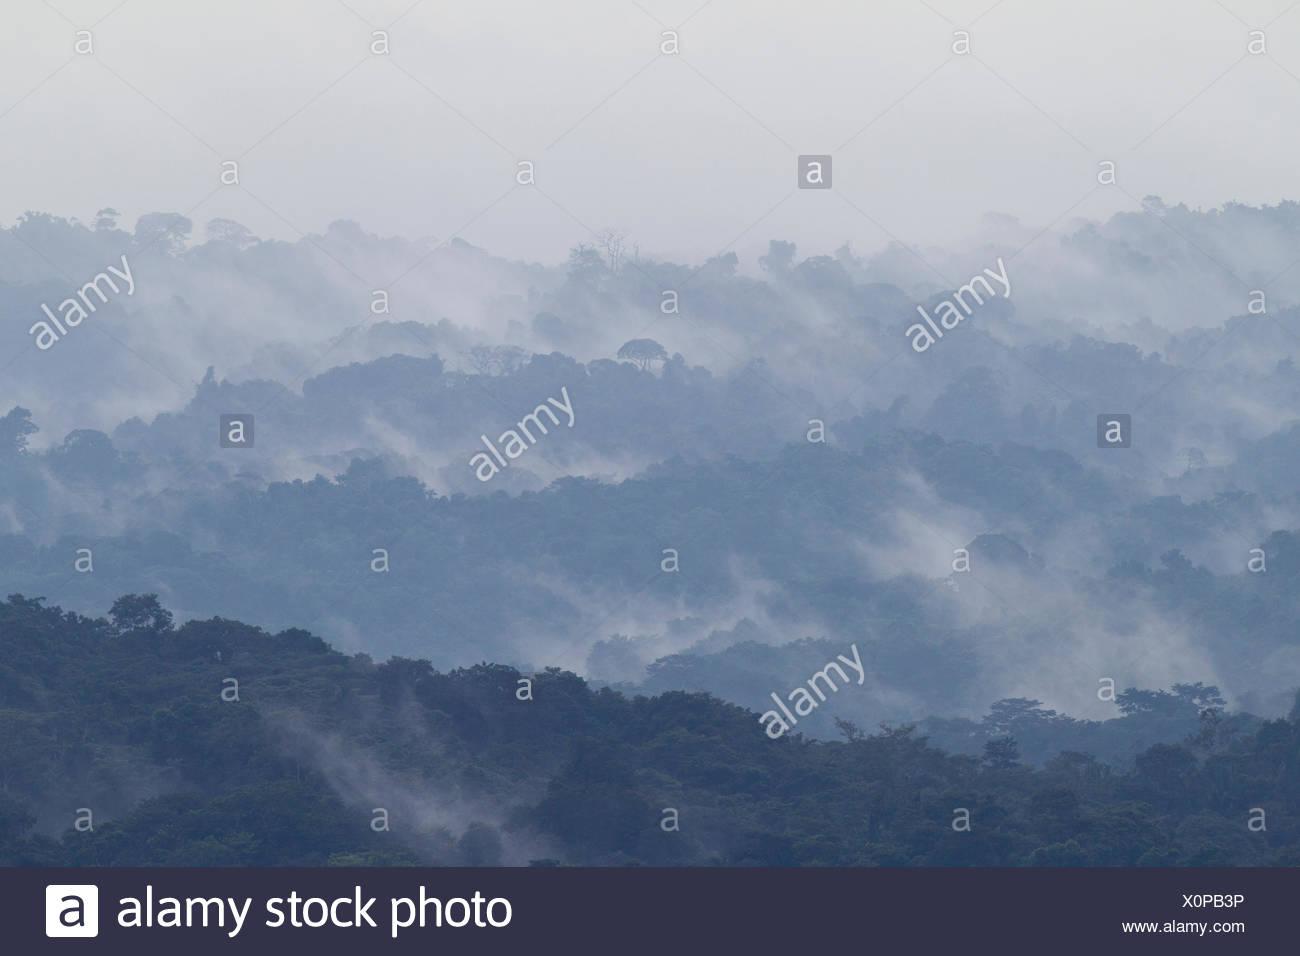 La foresta pluviale tropicale paesaggio con nebbia, Barro Colorado Island, il Lago di Gatun, sul Canale di Panama, Panama. Foto Stock